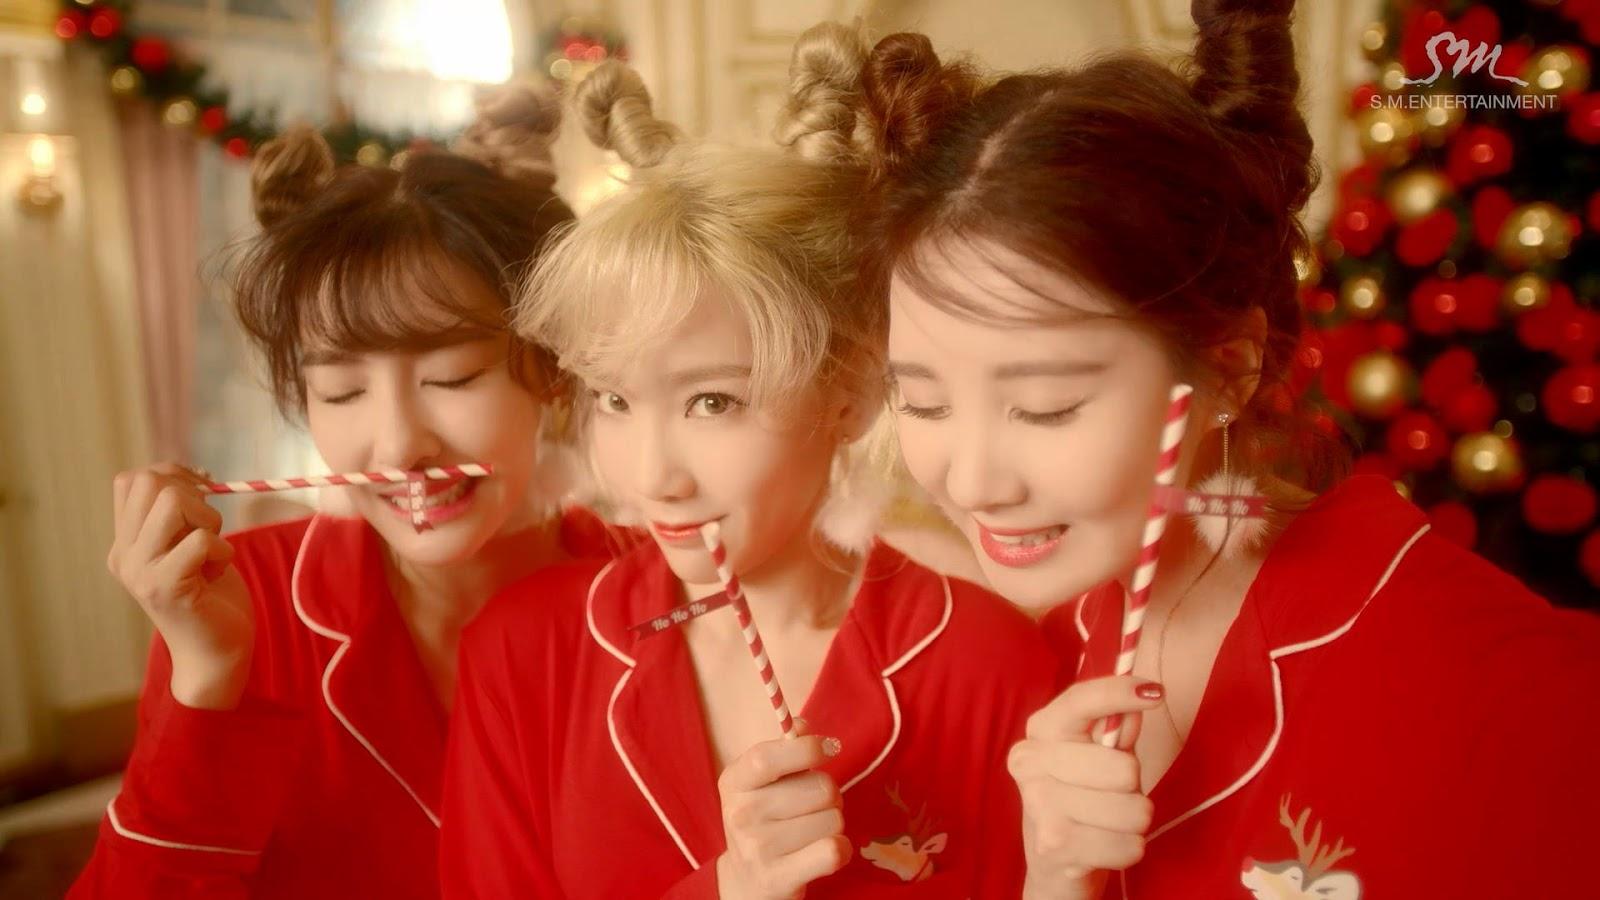 Girl S Generation Tts Dear Santa Screen Caps Daily K